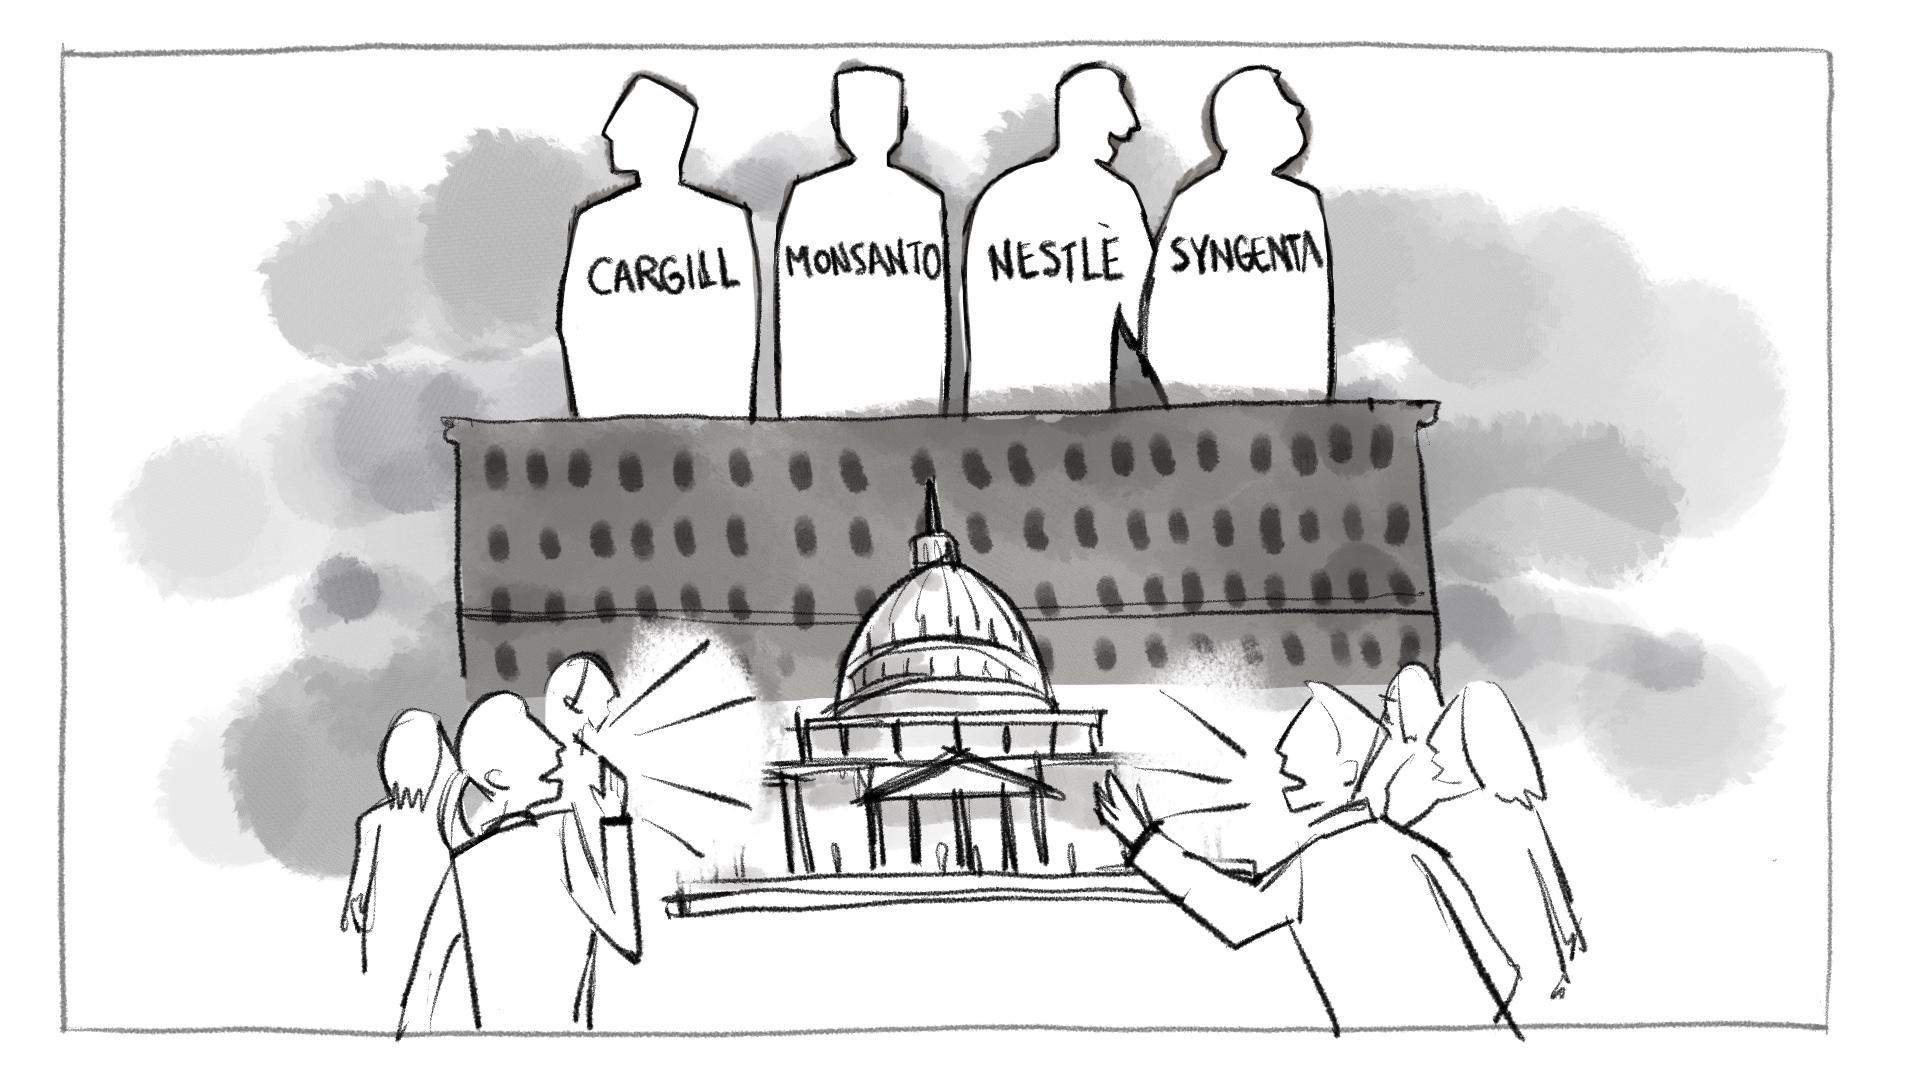 Shahidi_Storyboards_4b-1.jpg